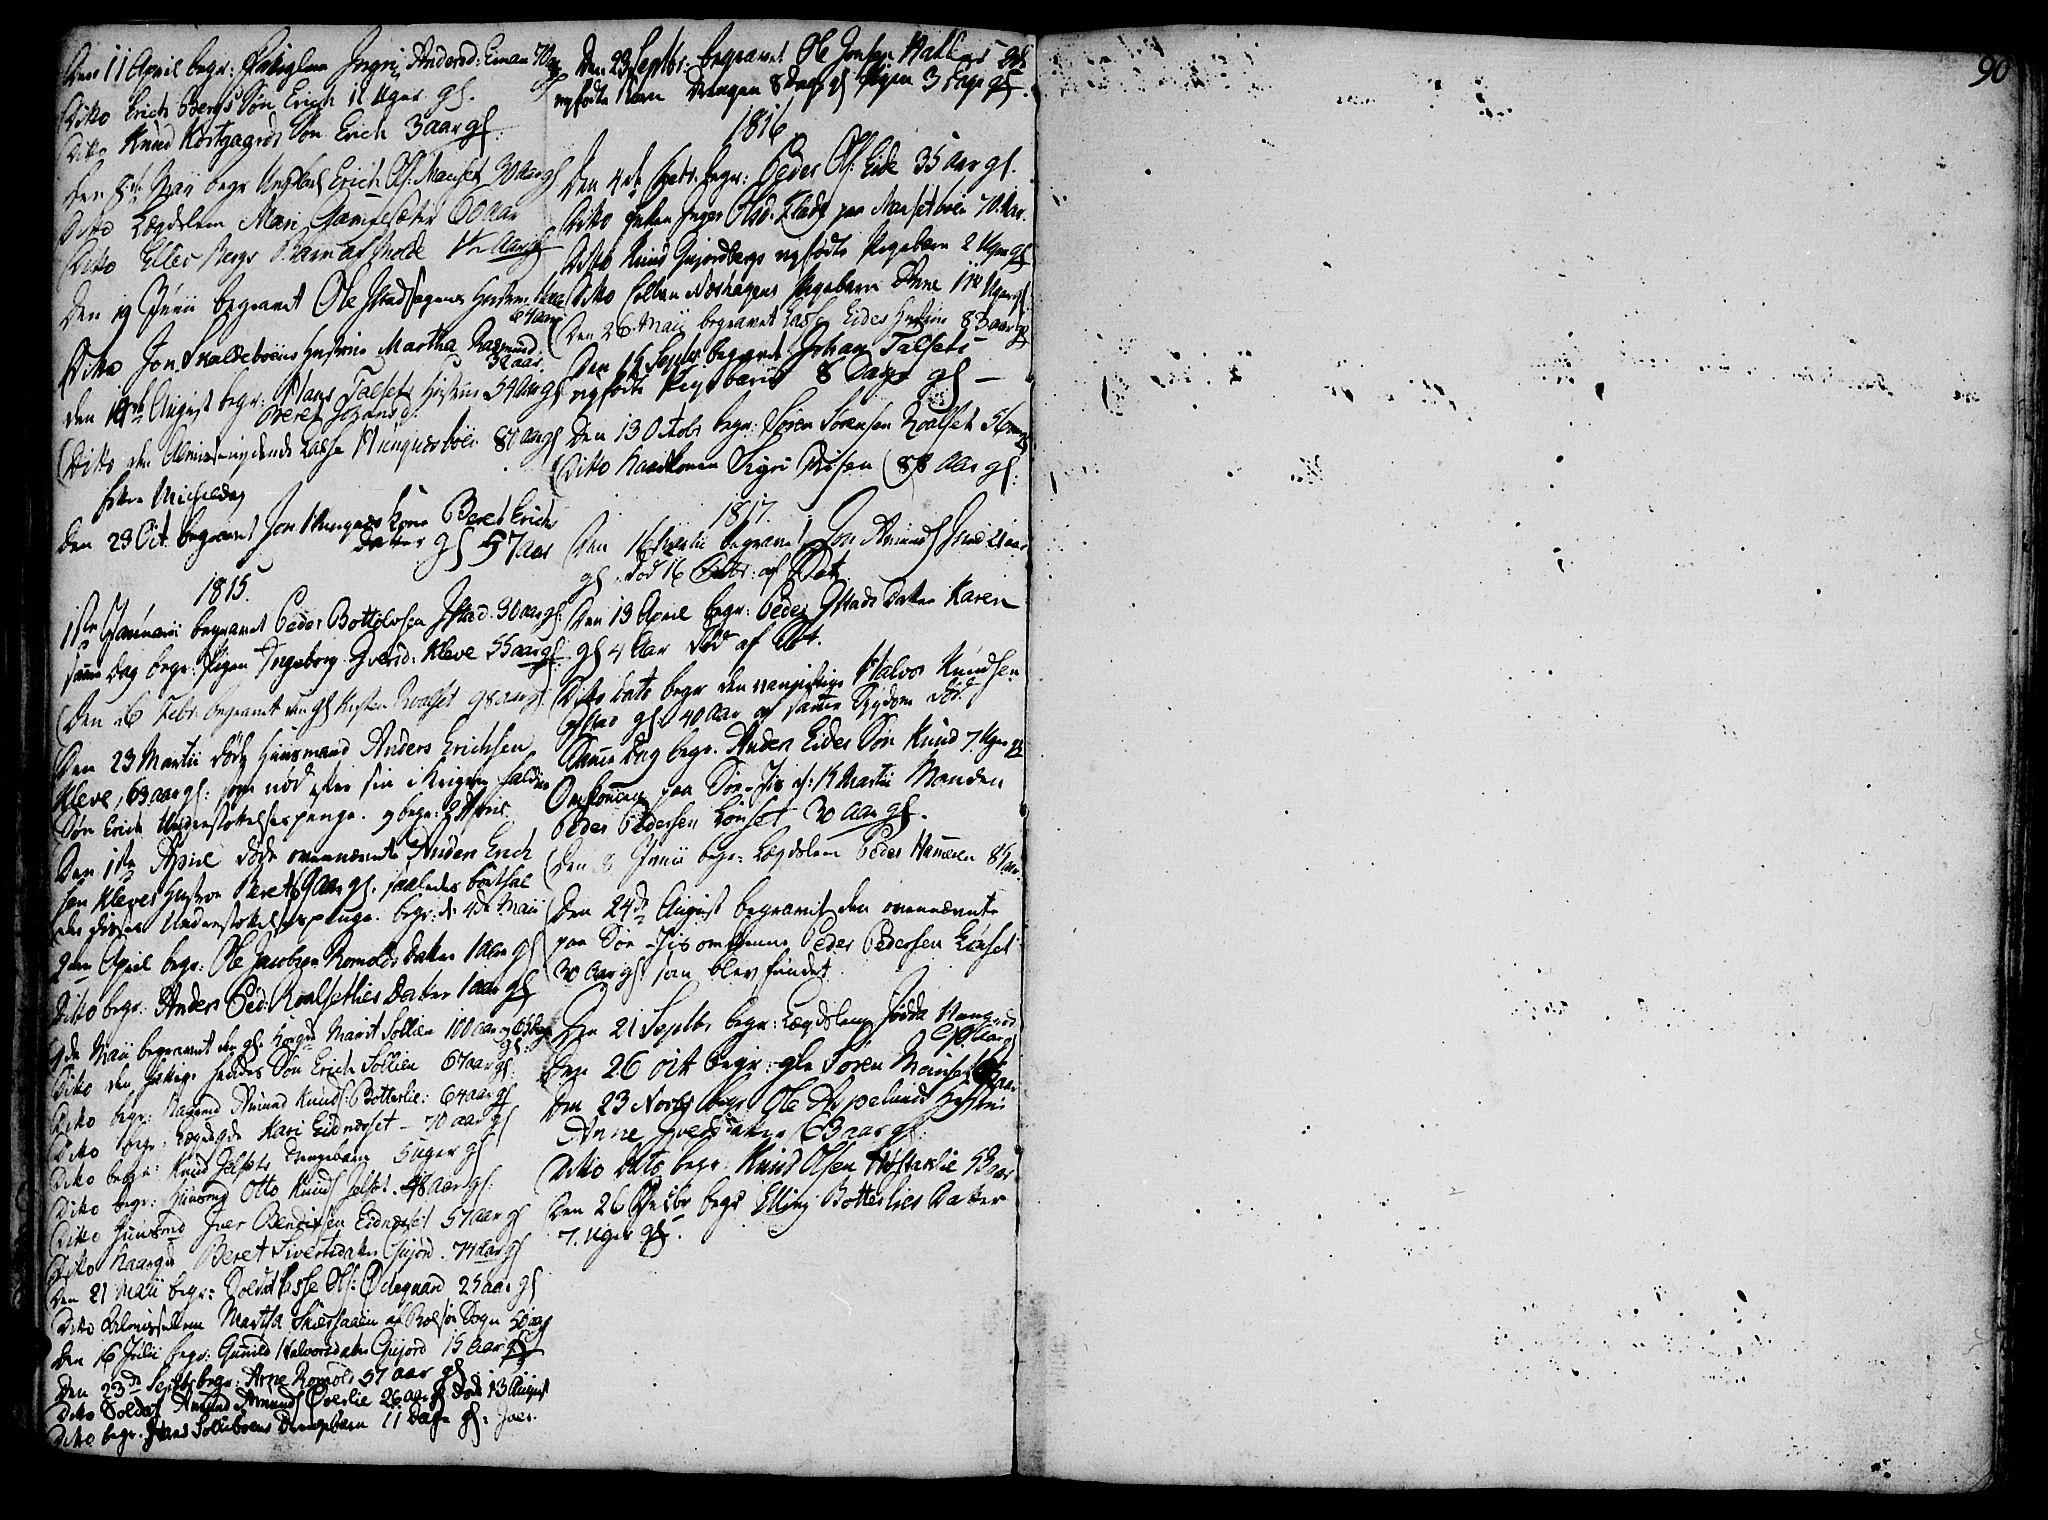 SAT, Ministerialprotokoller, klokkerbøker og fødselsregistre - Møre og Romsdal, 555/L0650: Ministerialbok nr. 555A02 /2, 1798-1821, s. 90